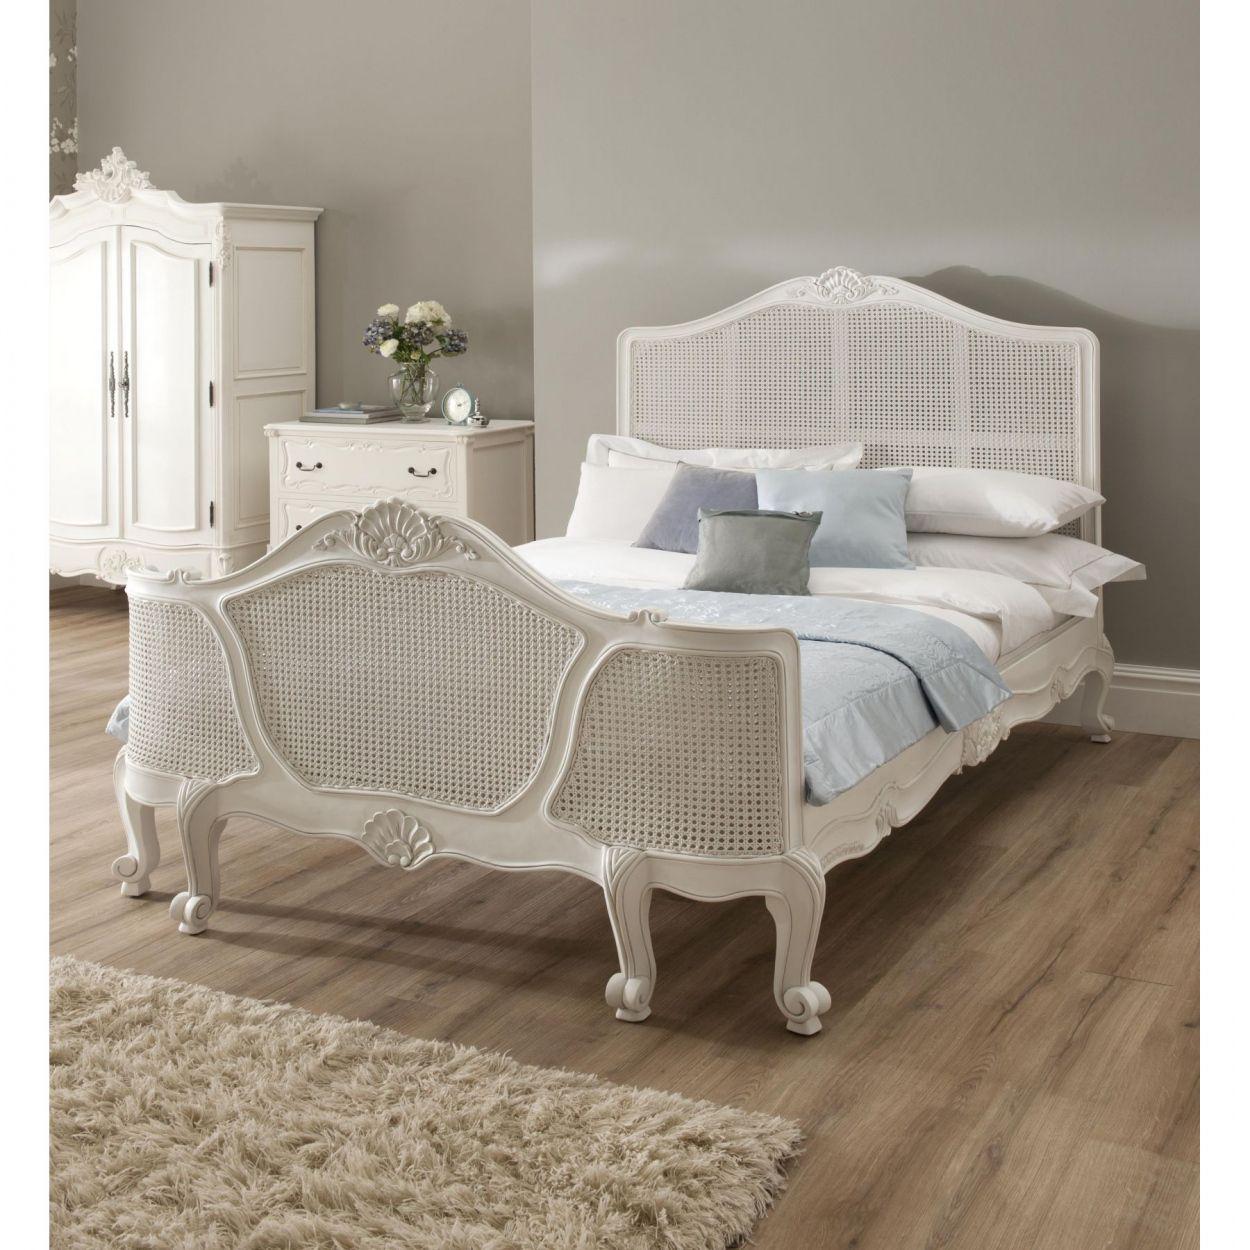 Wicker Bedroom Furniture for Sale Best Cheap Modern